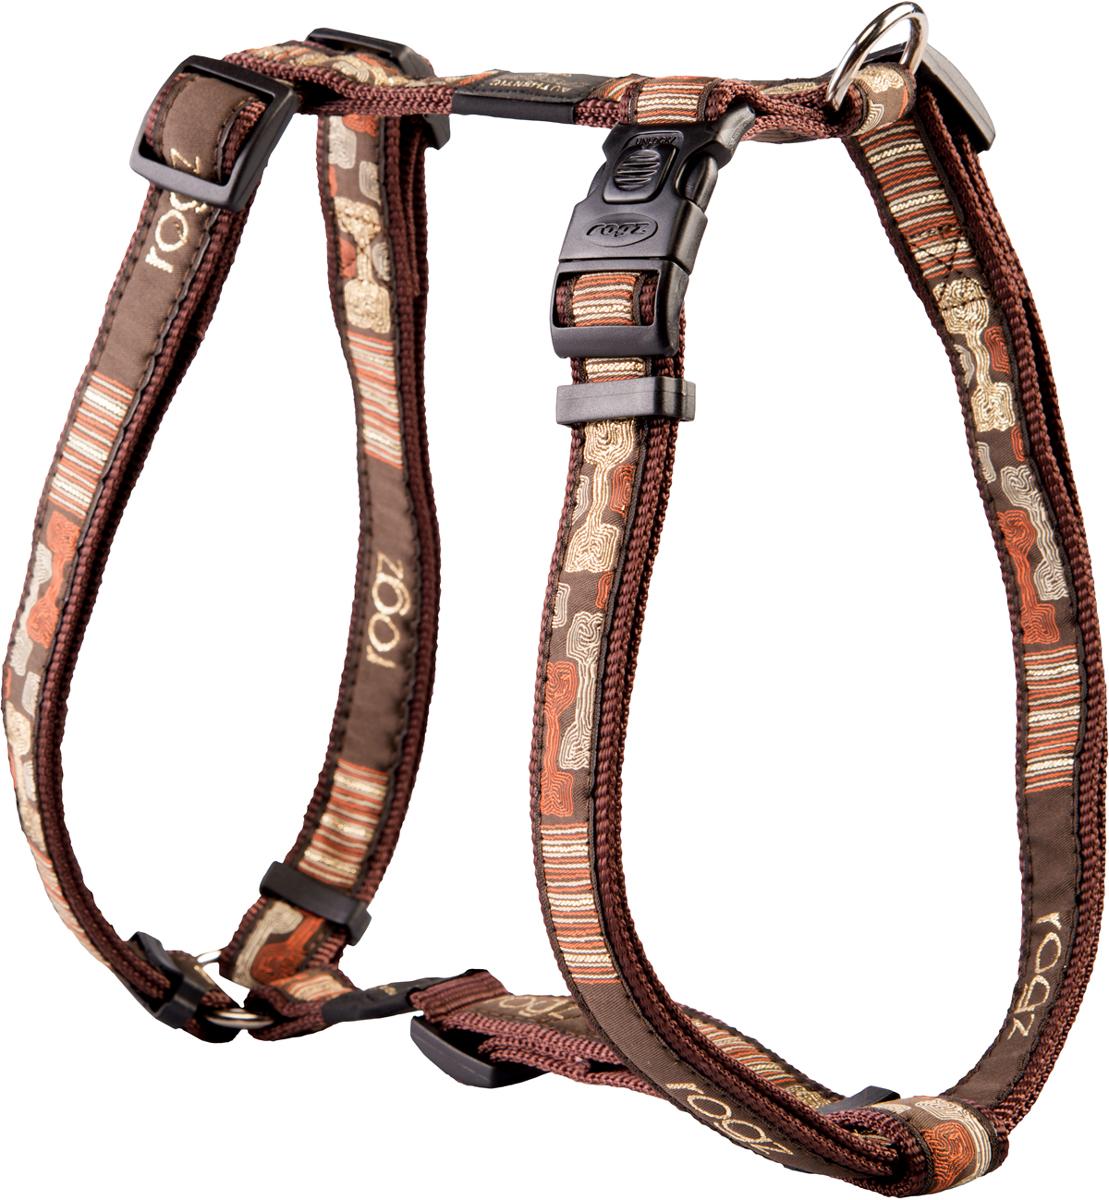 Шлейка для собак Rogz Fancy Dress, цвет: коричневый, ширина 2,5 см0120710Шлейка для собак Rogz Fancy Dress имеет необычный дизайн. Широкая гамма потрясающе красивых орнаментов на прочной тесьме поверх нейлоновой ленты украсит вашего питомца.Застегивается, не доставляя неудобство собаке.Специальная конструкция пряжки Rog Loc - очень крепкая(система Fort Knox). Замок может быть расстегнут только рукой человека.С помощью системы ремней изделие подгоняется под животного индивидуально.Необыкновенно крепкая и прочная шлейка.Выполненные по заказу литые кольца выдерживают значительные физические нагрузки и имеют хромирование, нанесенное гальваническим способом, что позволяет избежать коррозии и потускнения изделия.Легко можно прикрепить к ошейнику и поводку.